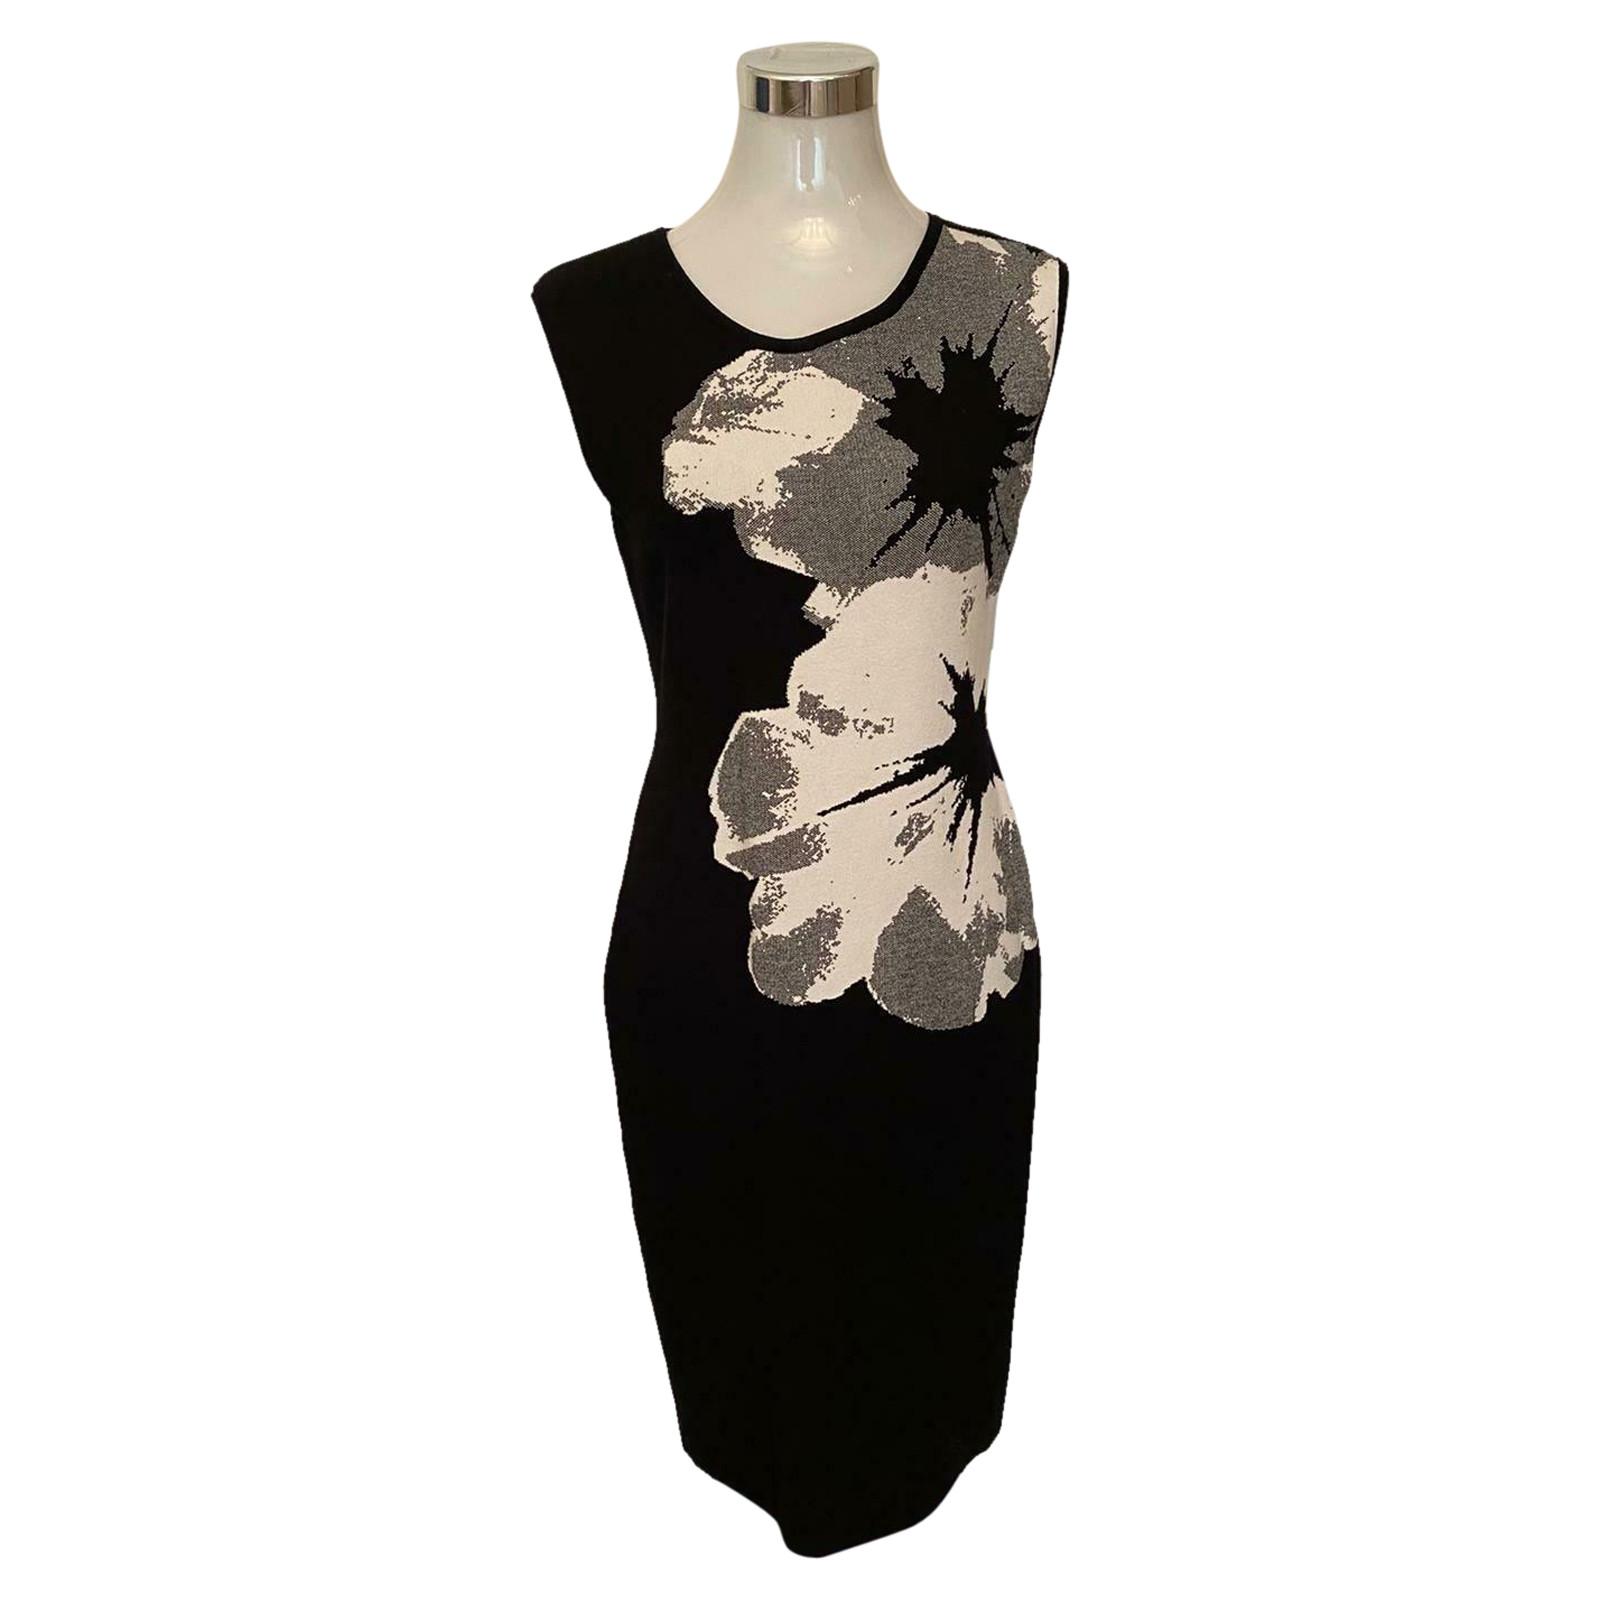 Escada Kleid   Second Hand Escada Kleid gebraucht kaufen für 9 ...